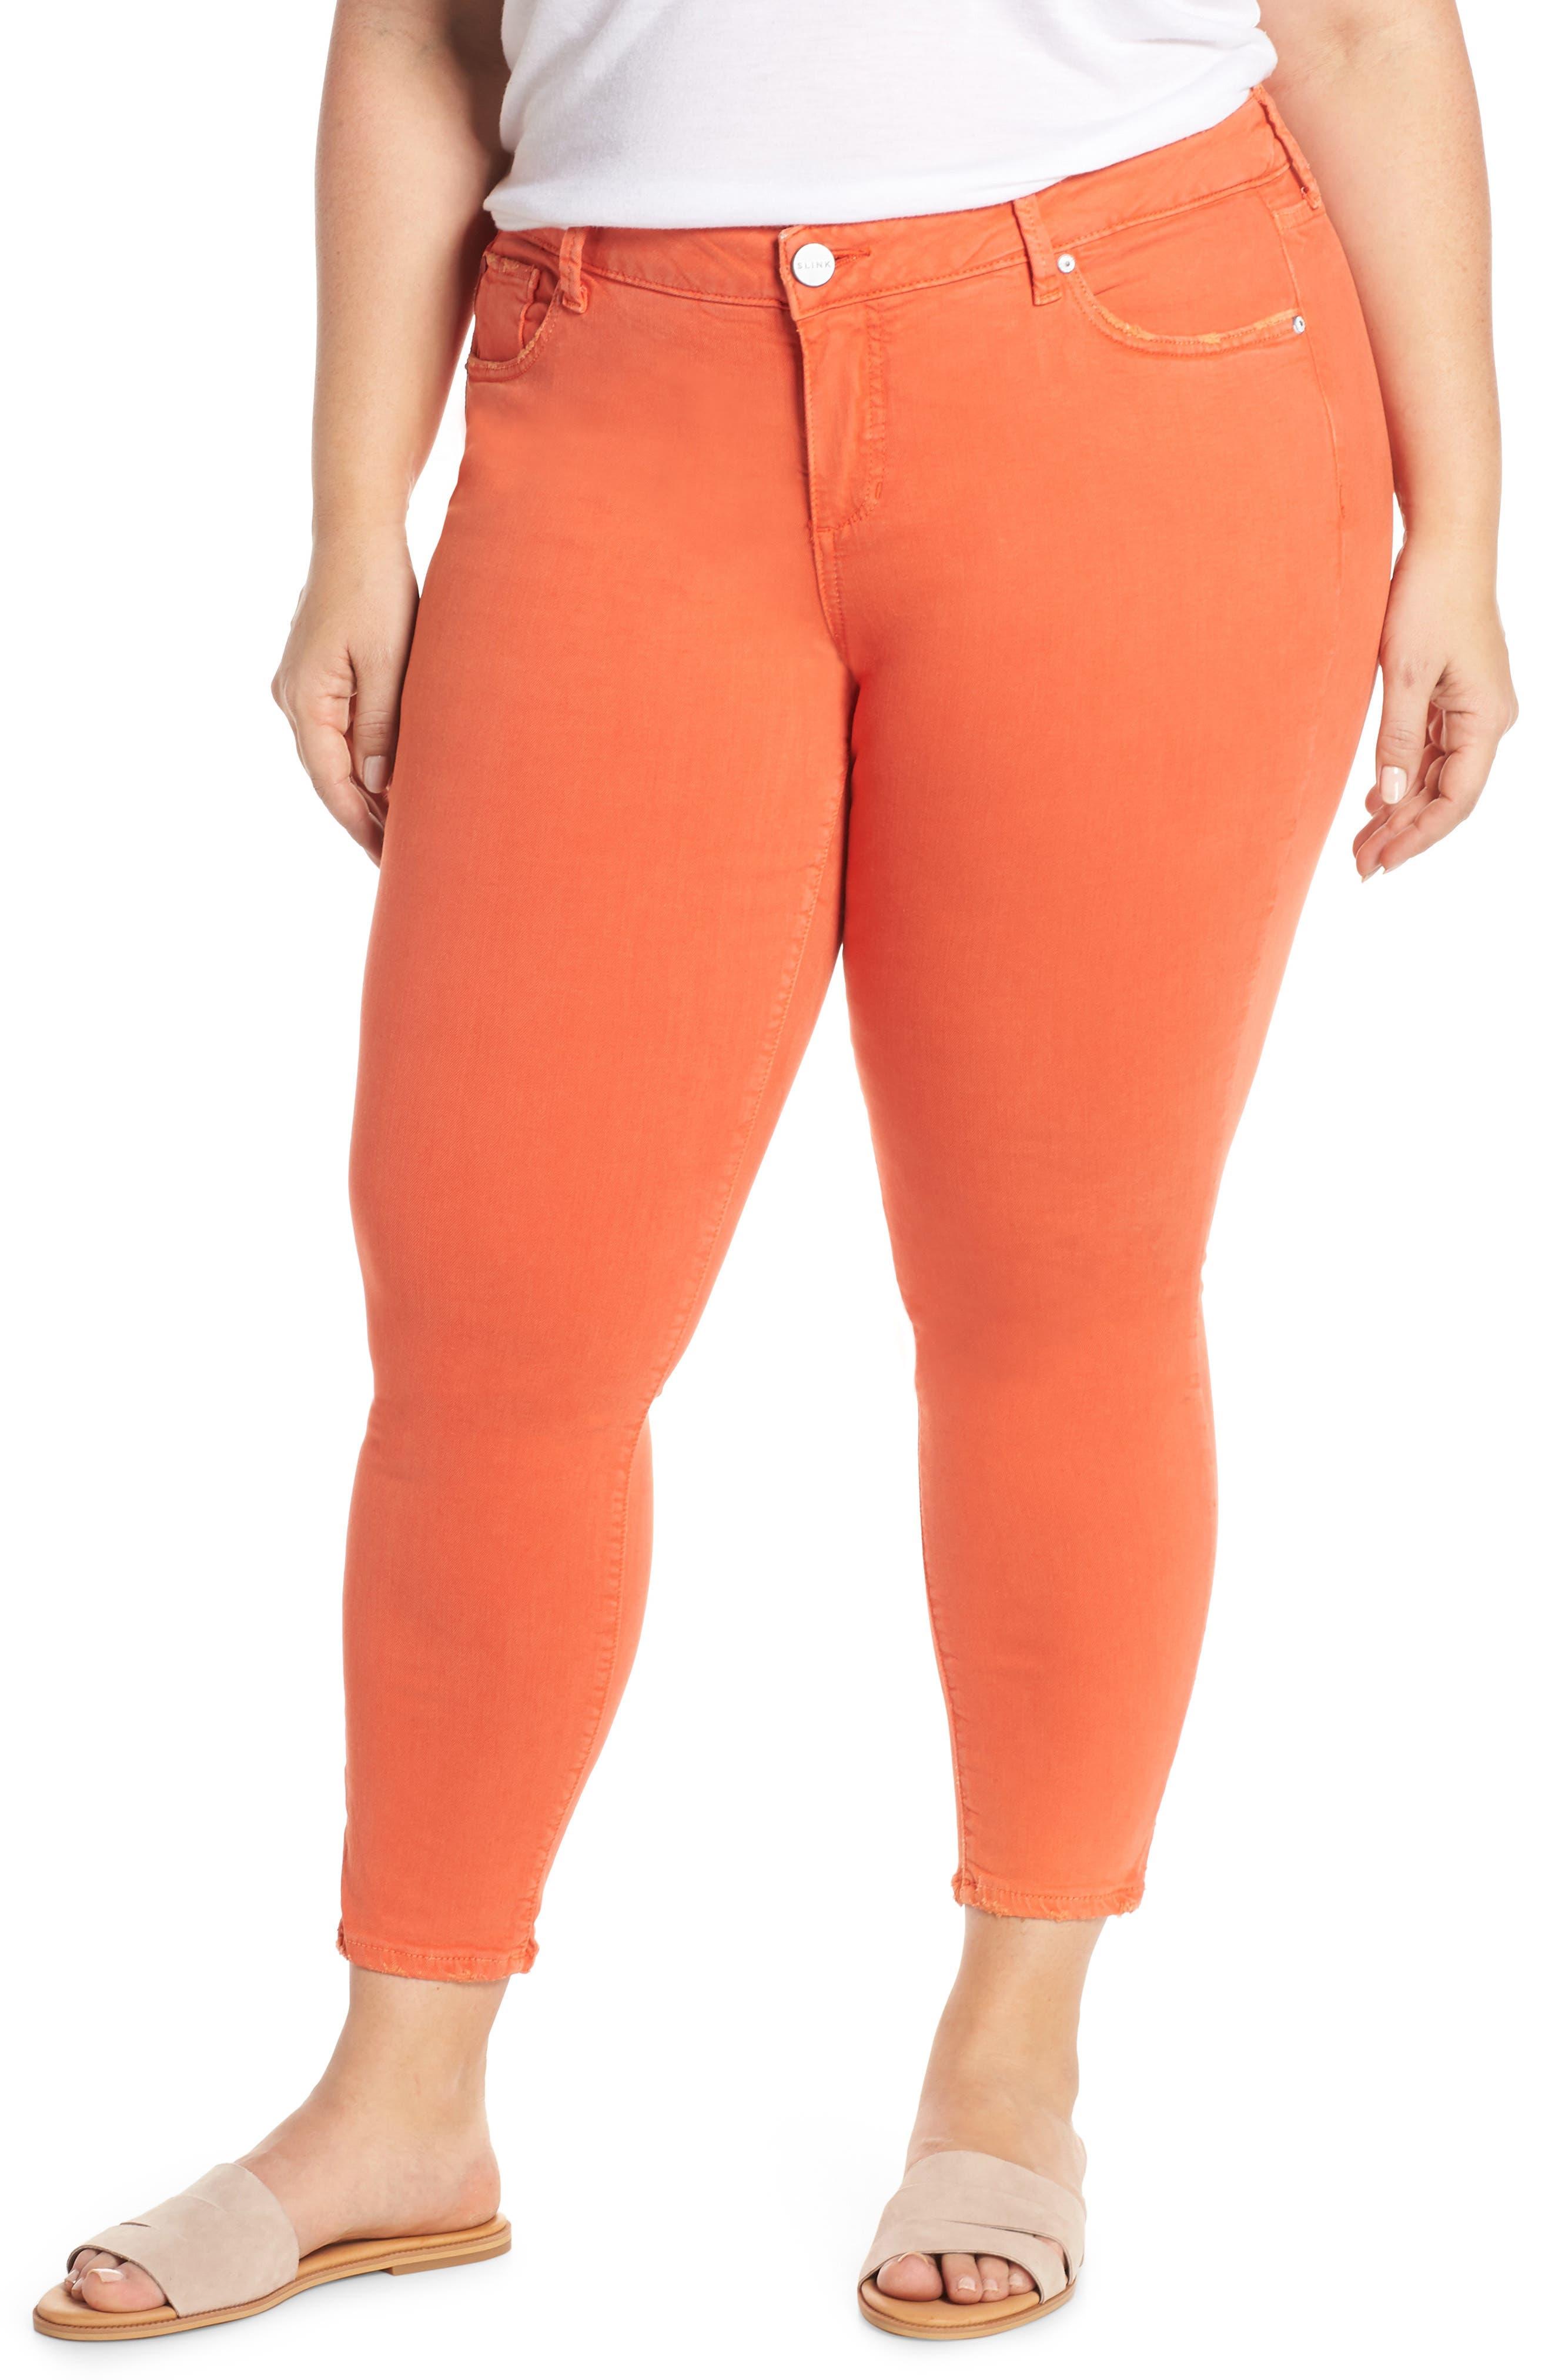 Plus Women's Slink Jeans Ankle Skinny Jeans